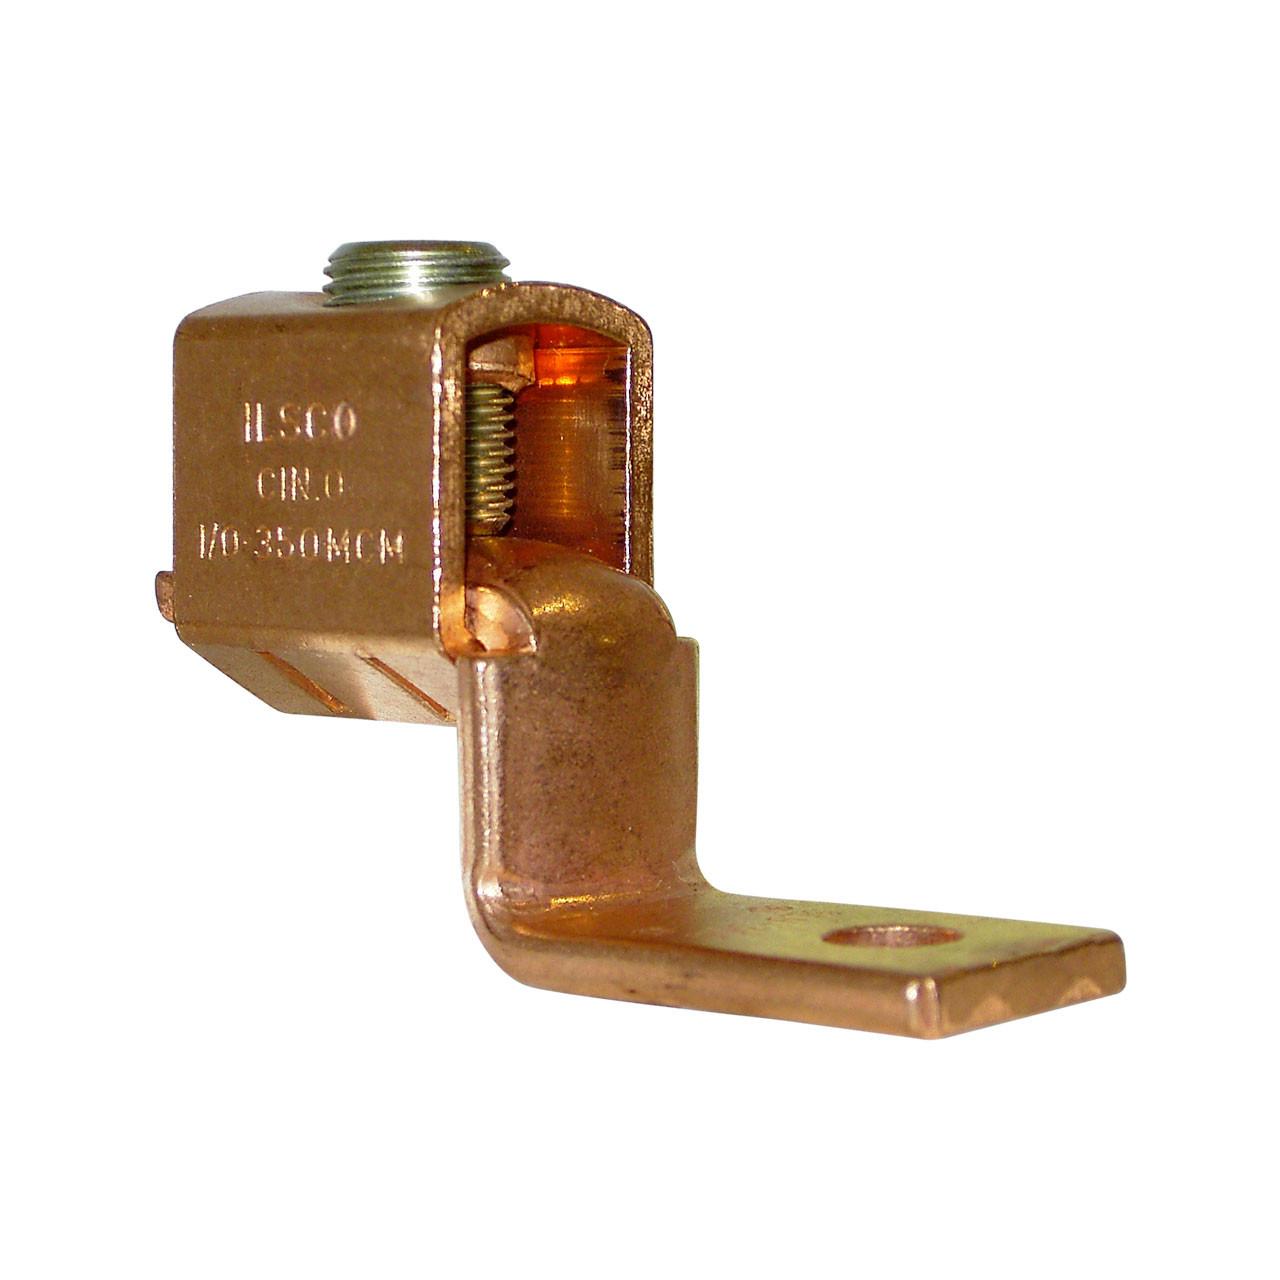 LUG-MECHANICAL CU 350-1/0